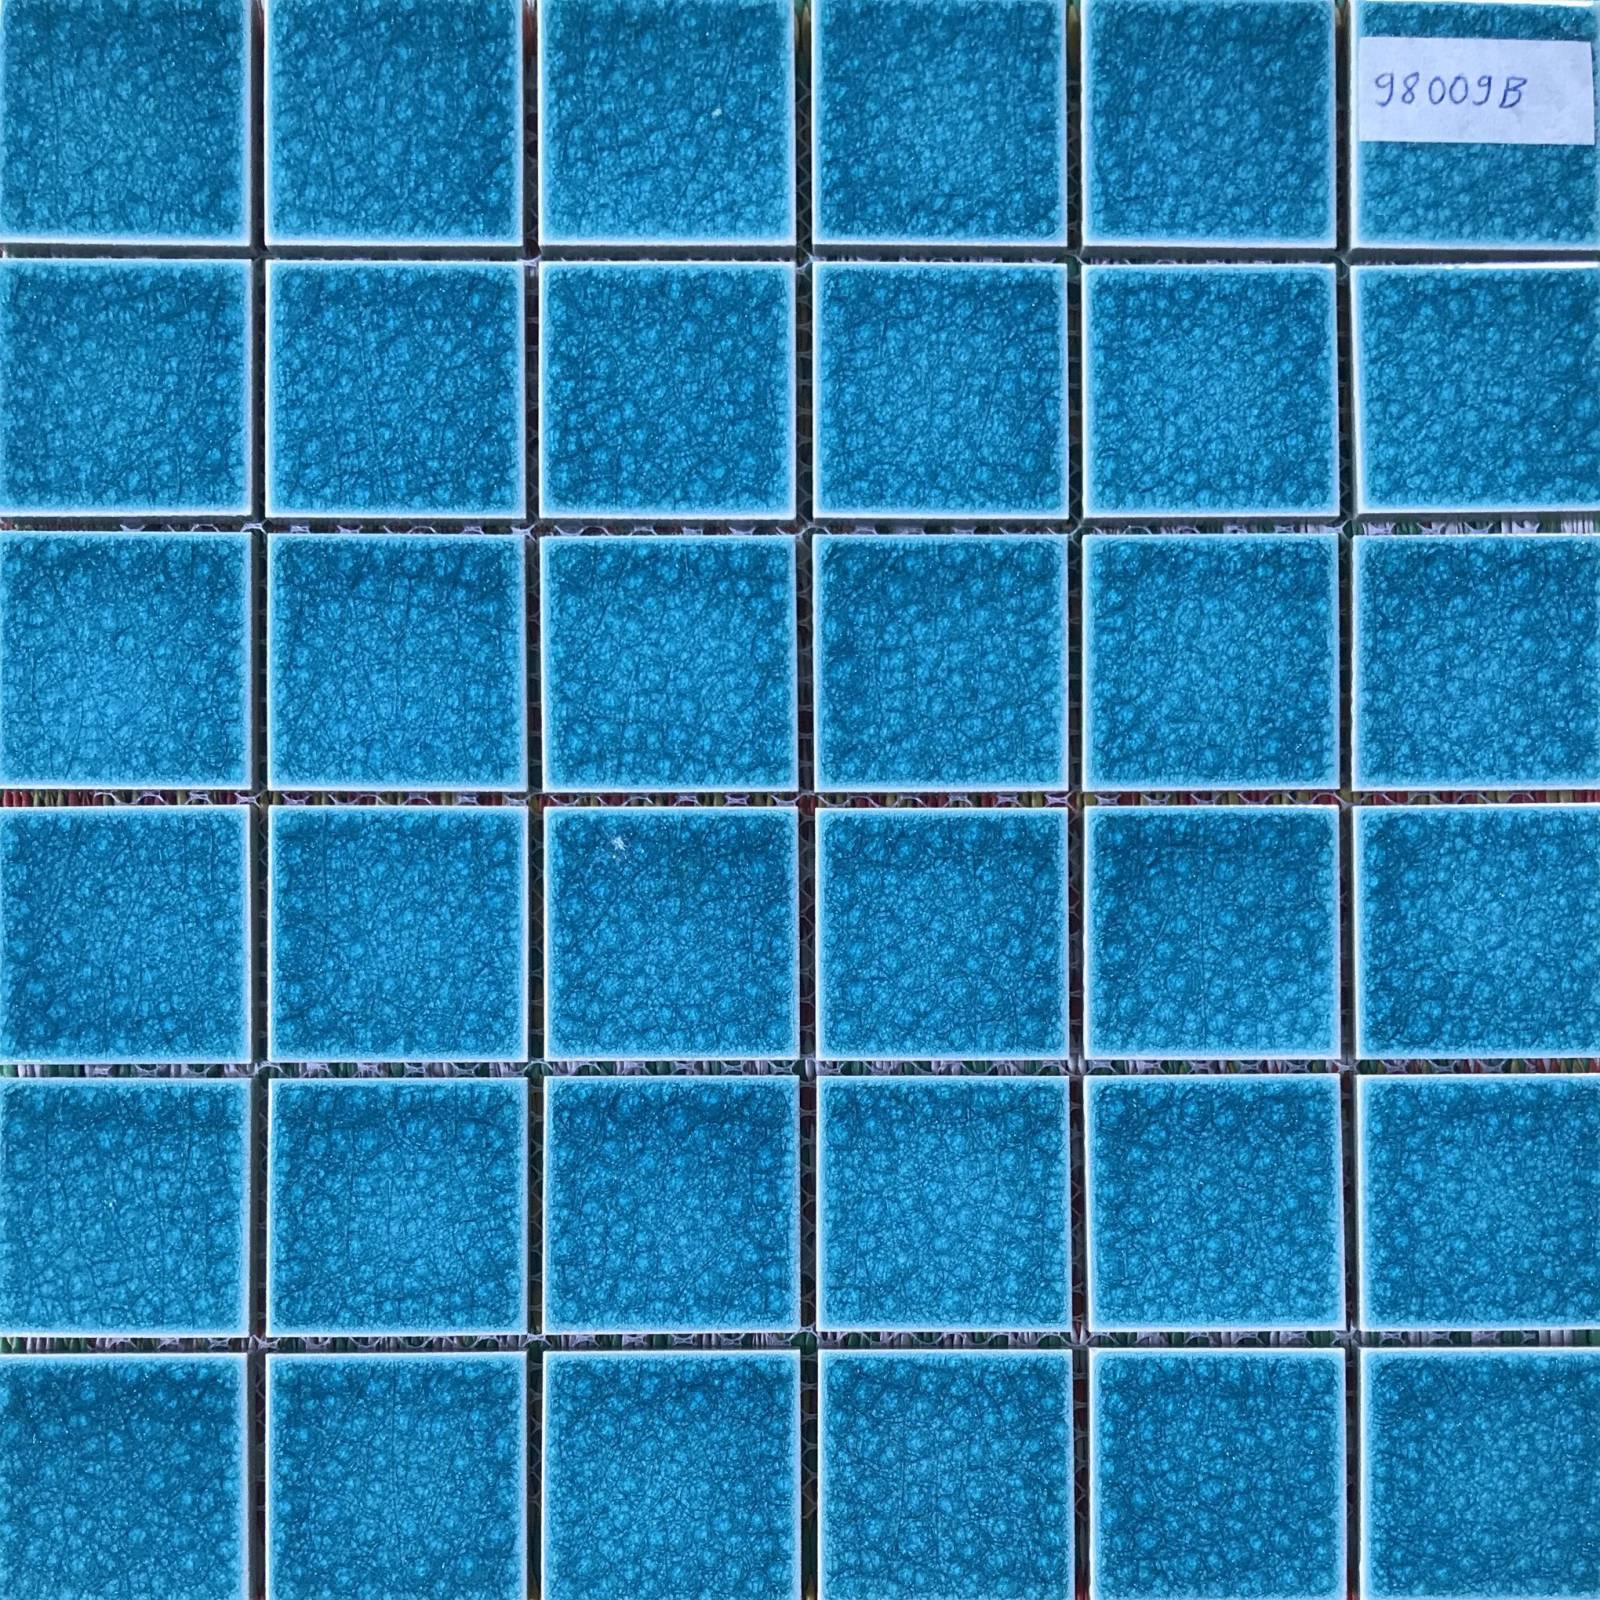 Gạch Mosaic RYG98009B